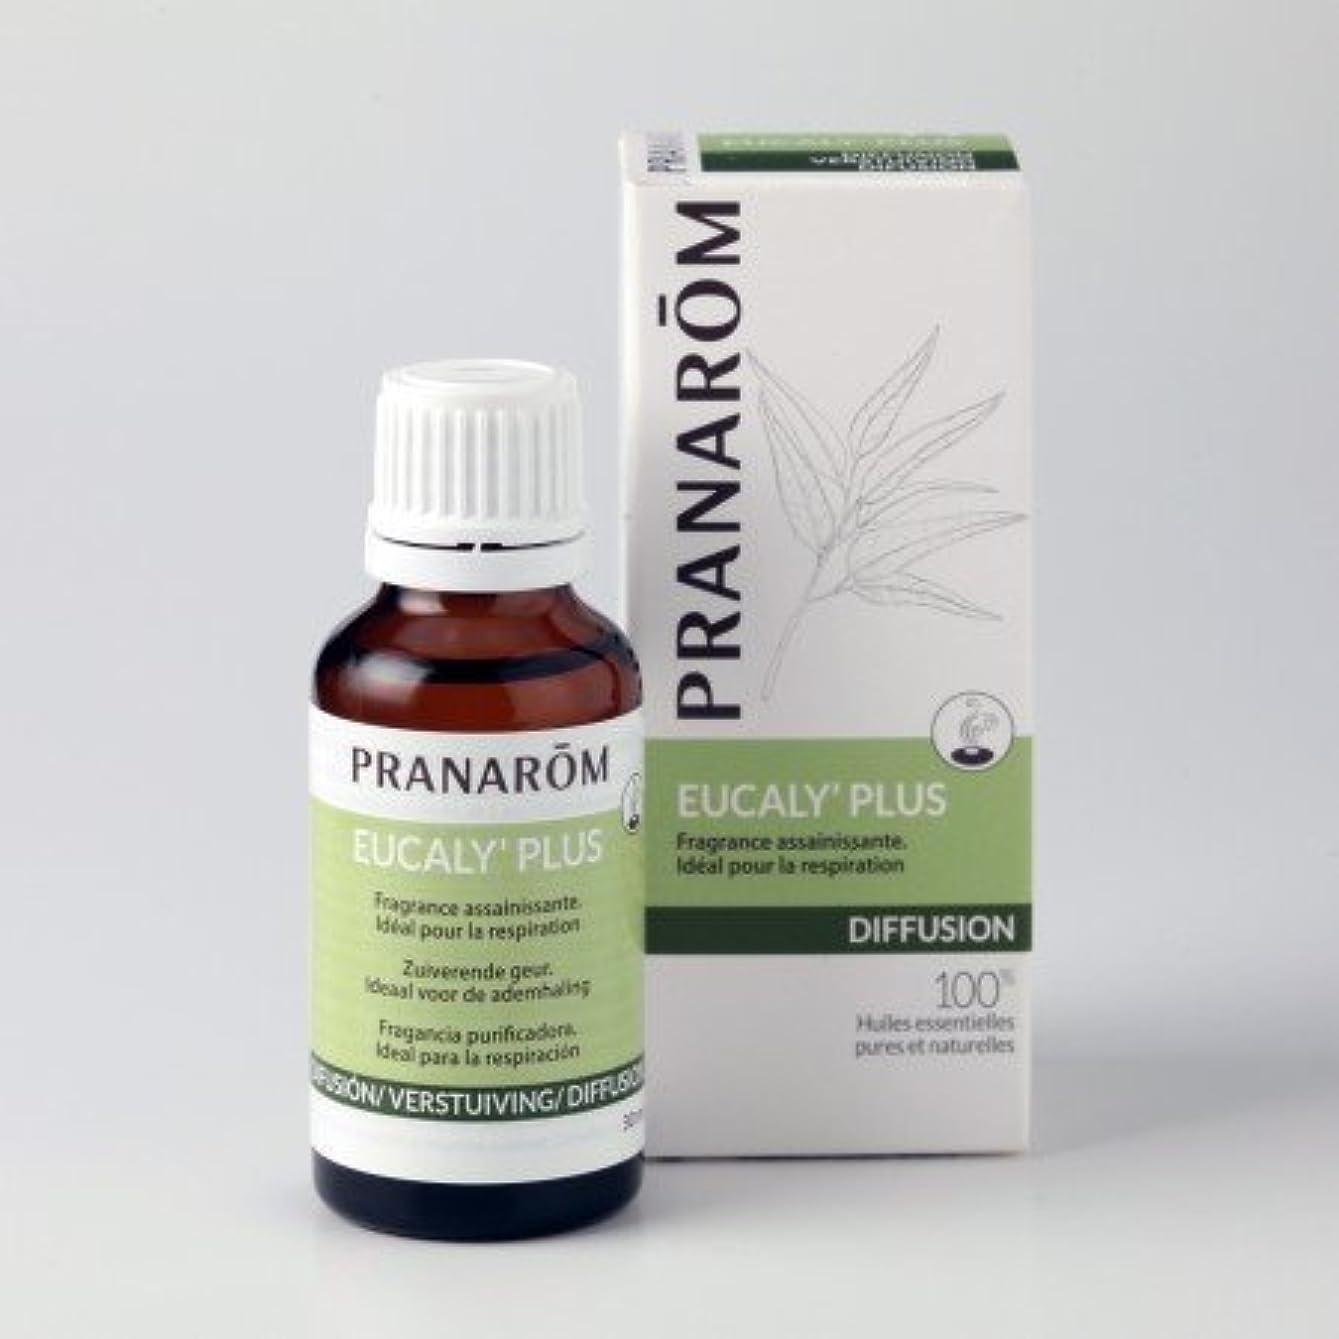 ボックス表現主にプラナロム ( PRANAROM ) ルームコロン 胸一杯のフレッシュエア ユーカリプラス 30ml 02590 エアフレッシュナー ( 芳香剤 )